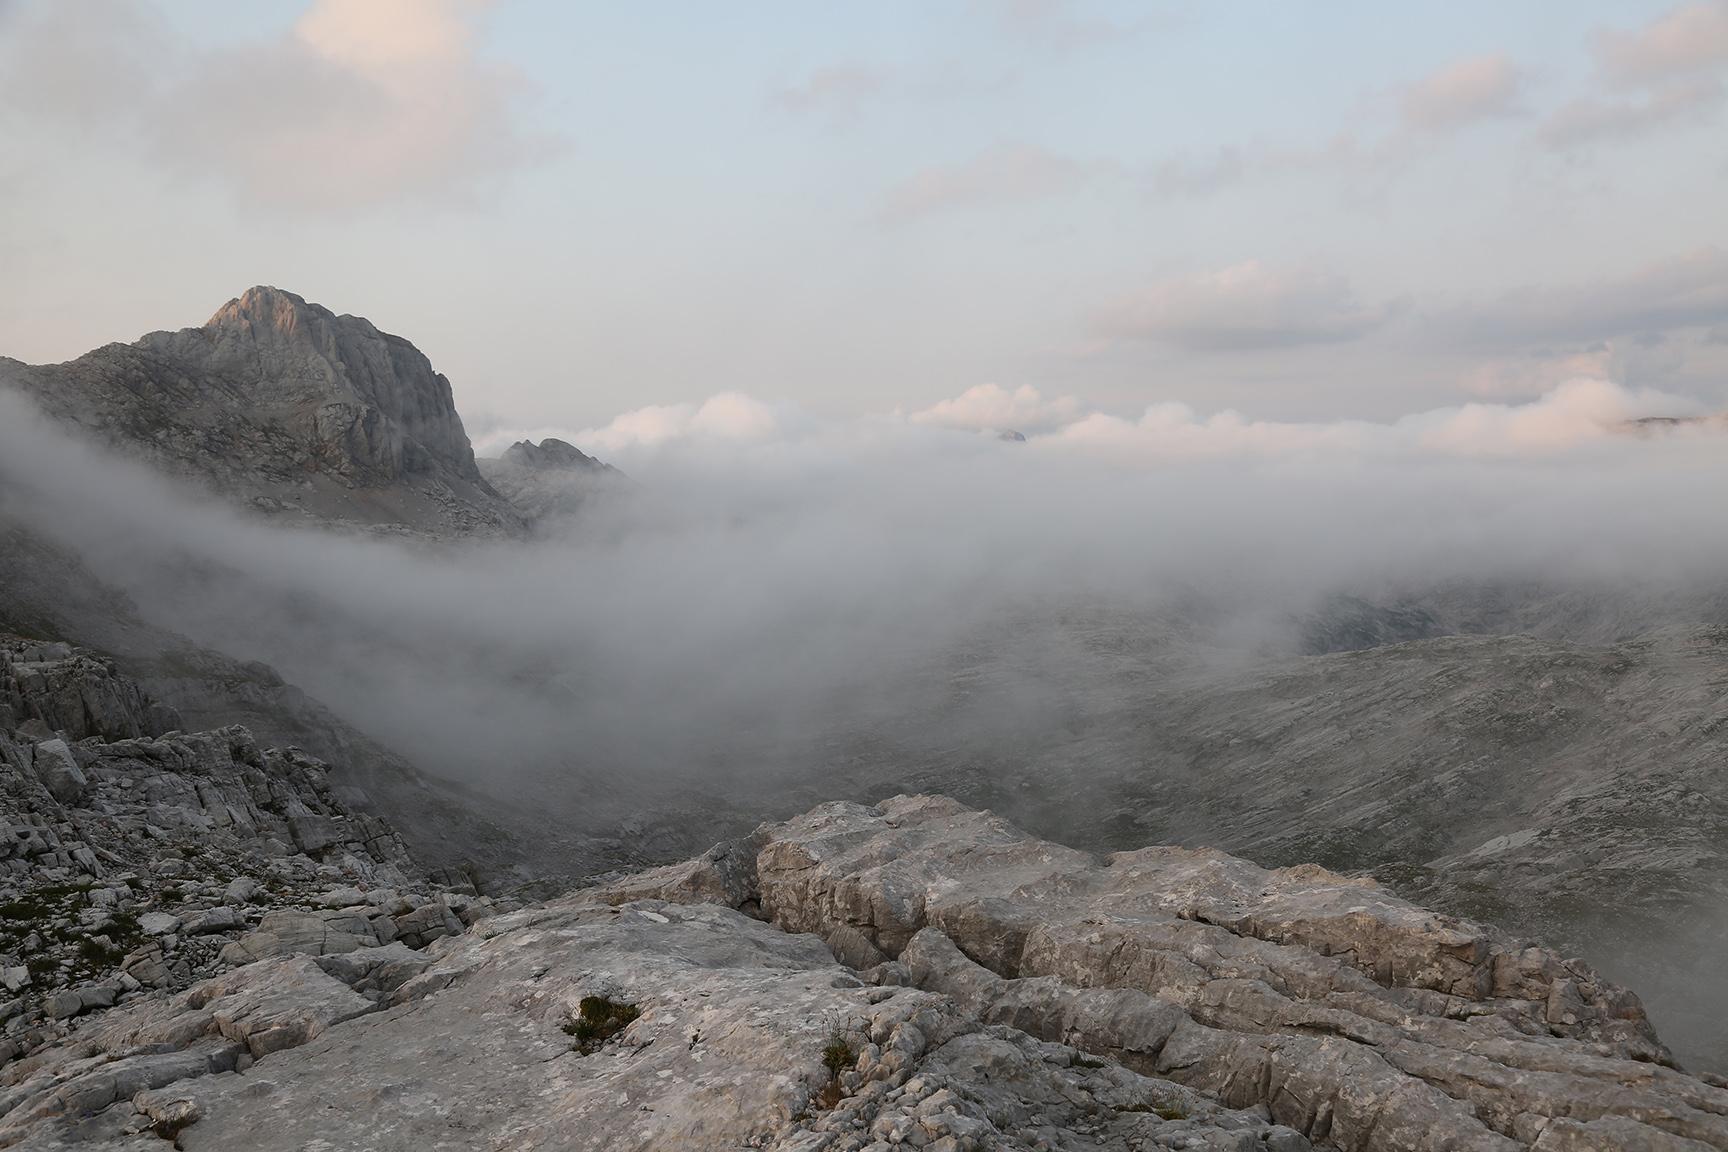 Wolkenschleier am Wildalmrotenkopf